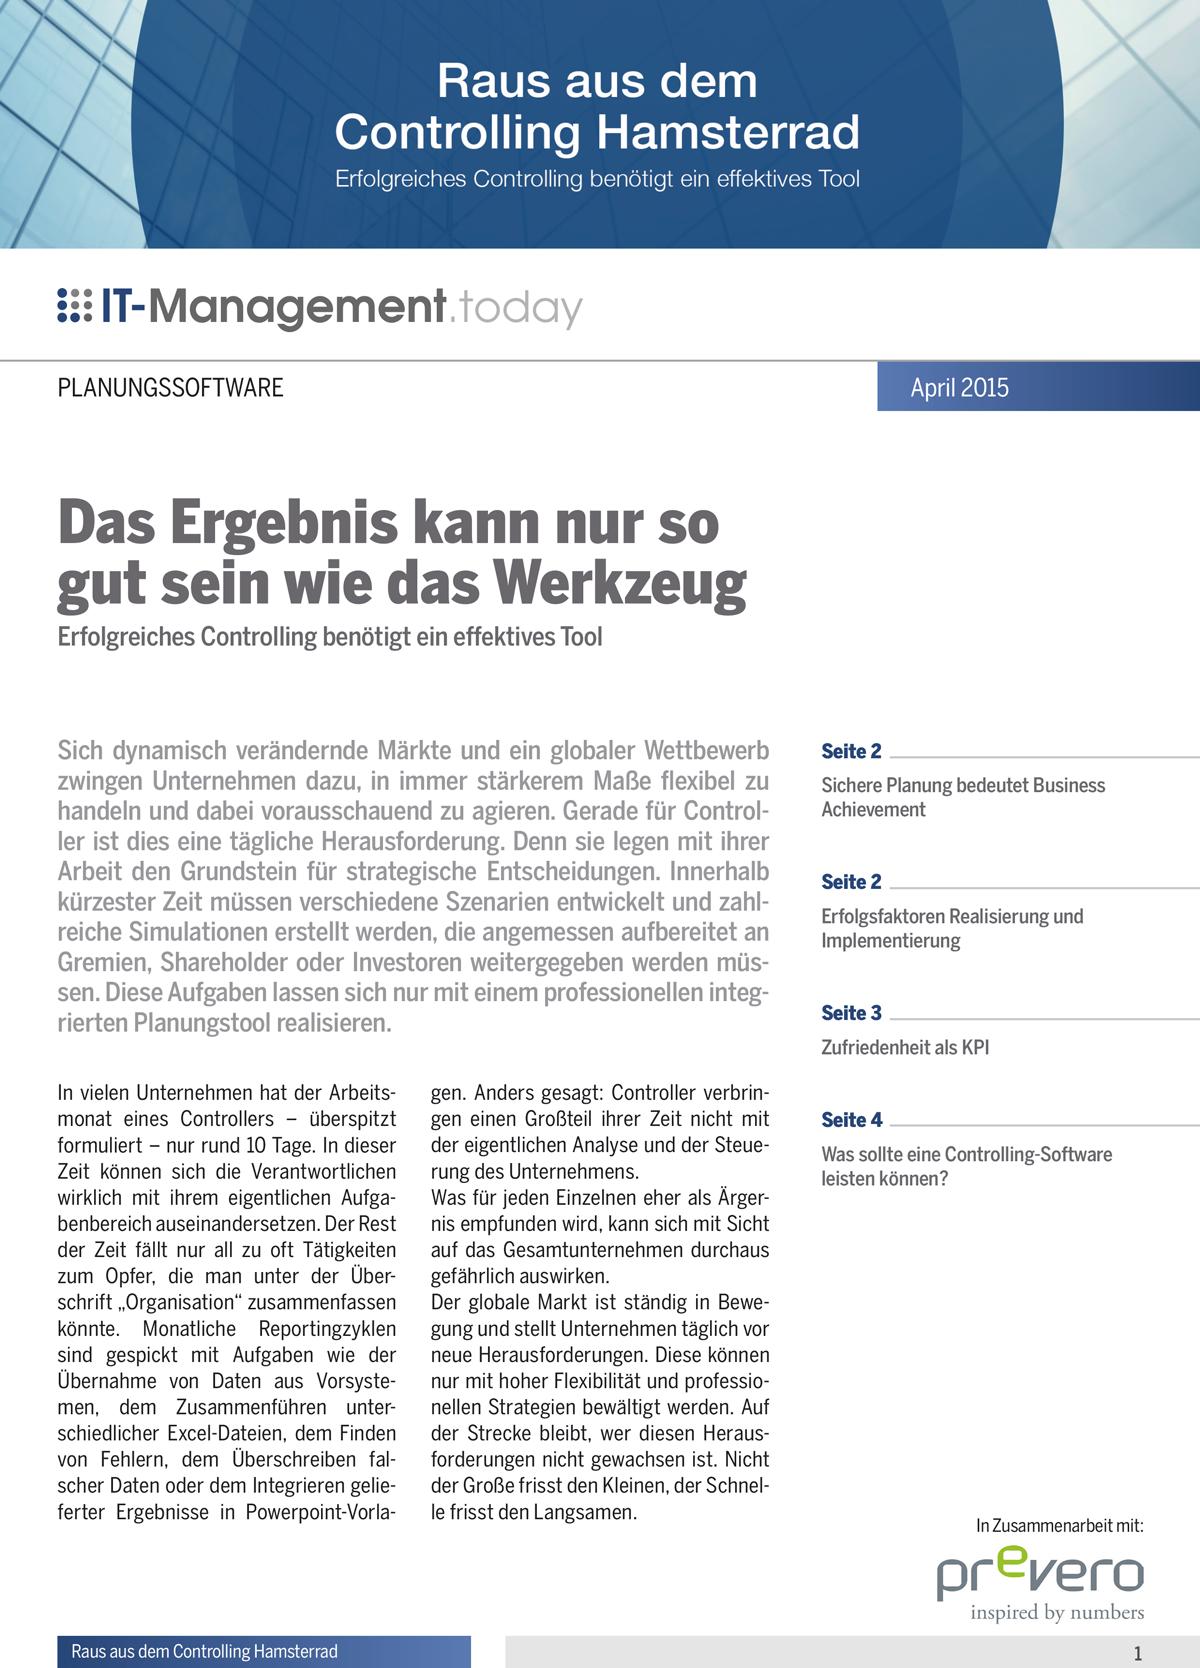 Referenzkampagne_whitepaper_prevero_Erfolgreiches Controlling benötigt ein effektives Tool